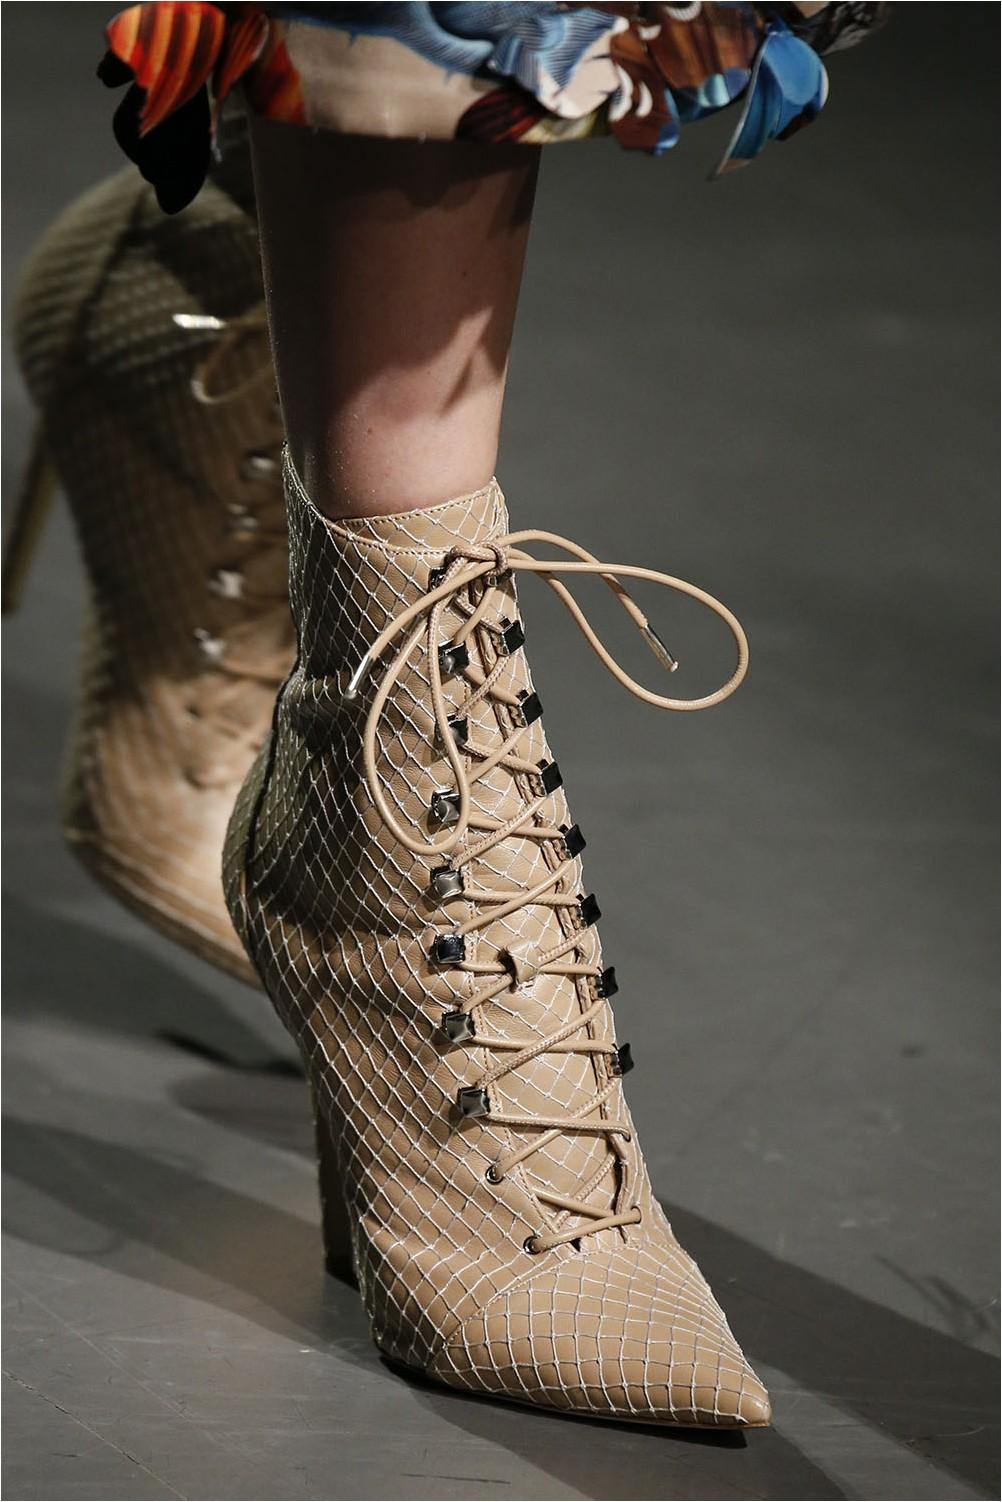 Victorian Shoes Mary Katrantzou